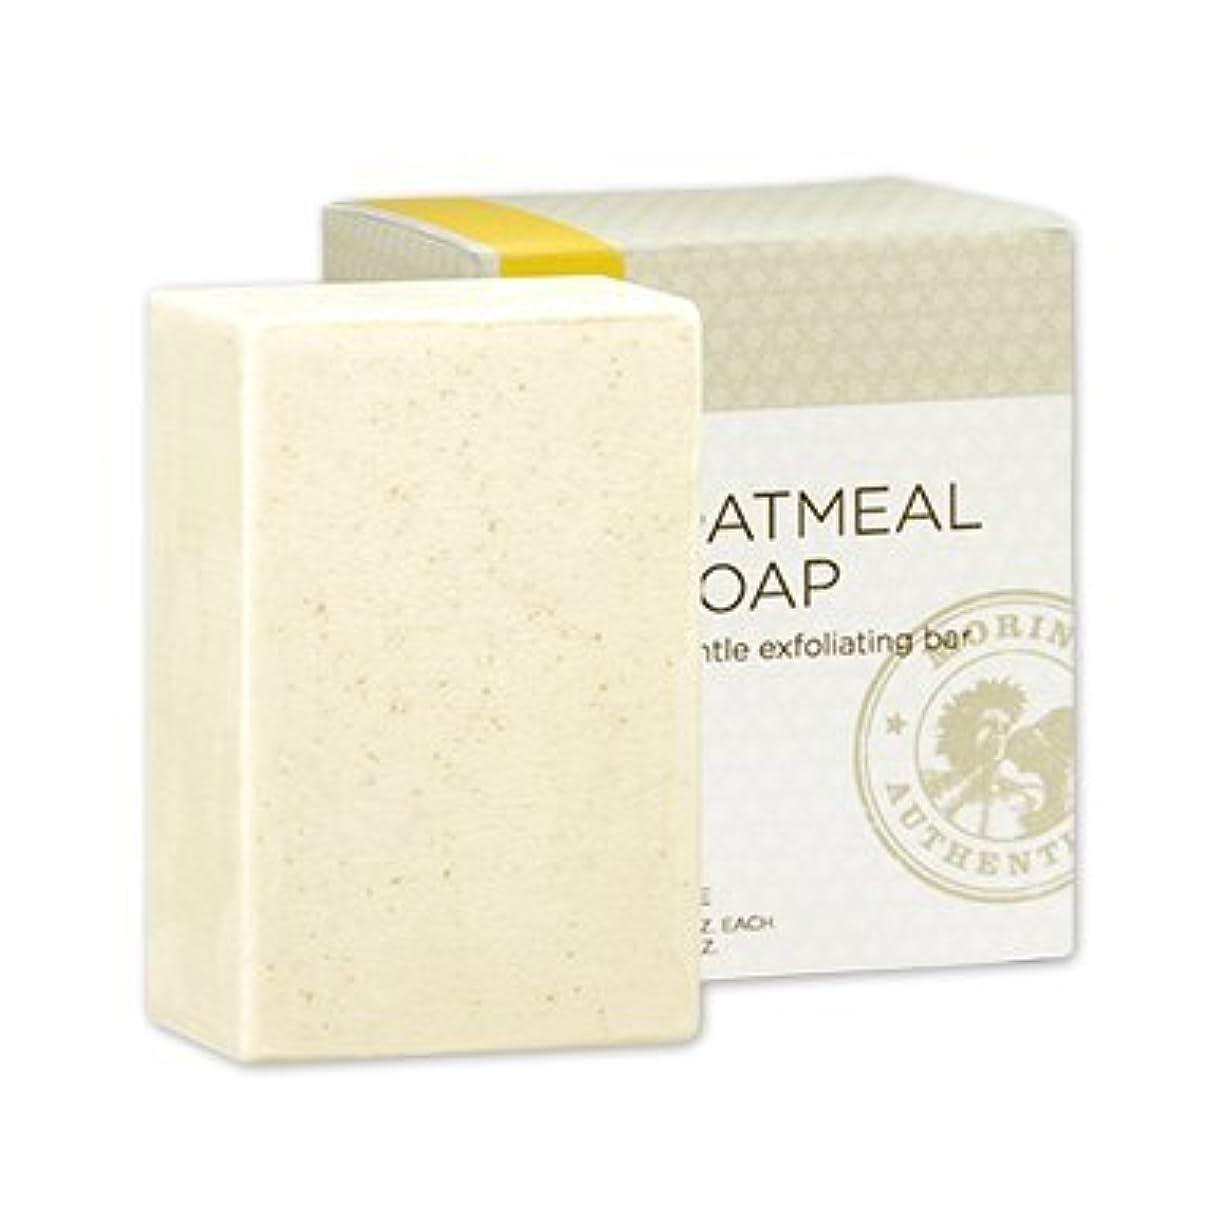 印をつけるバッグ真面目なモリンダ MORINDA オートミール 石けん 2個入り タヒチアンノニ OM 石鹸 セッケン ソープ Soap